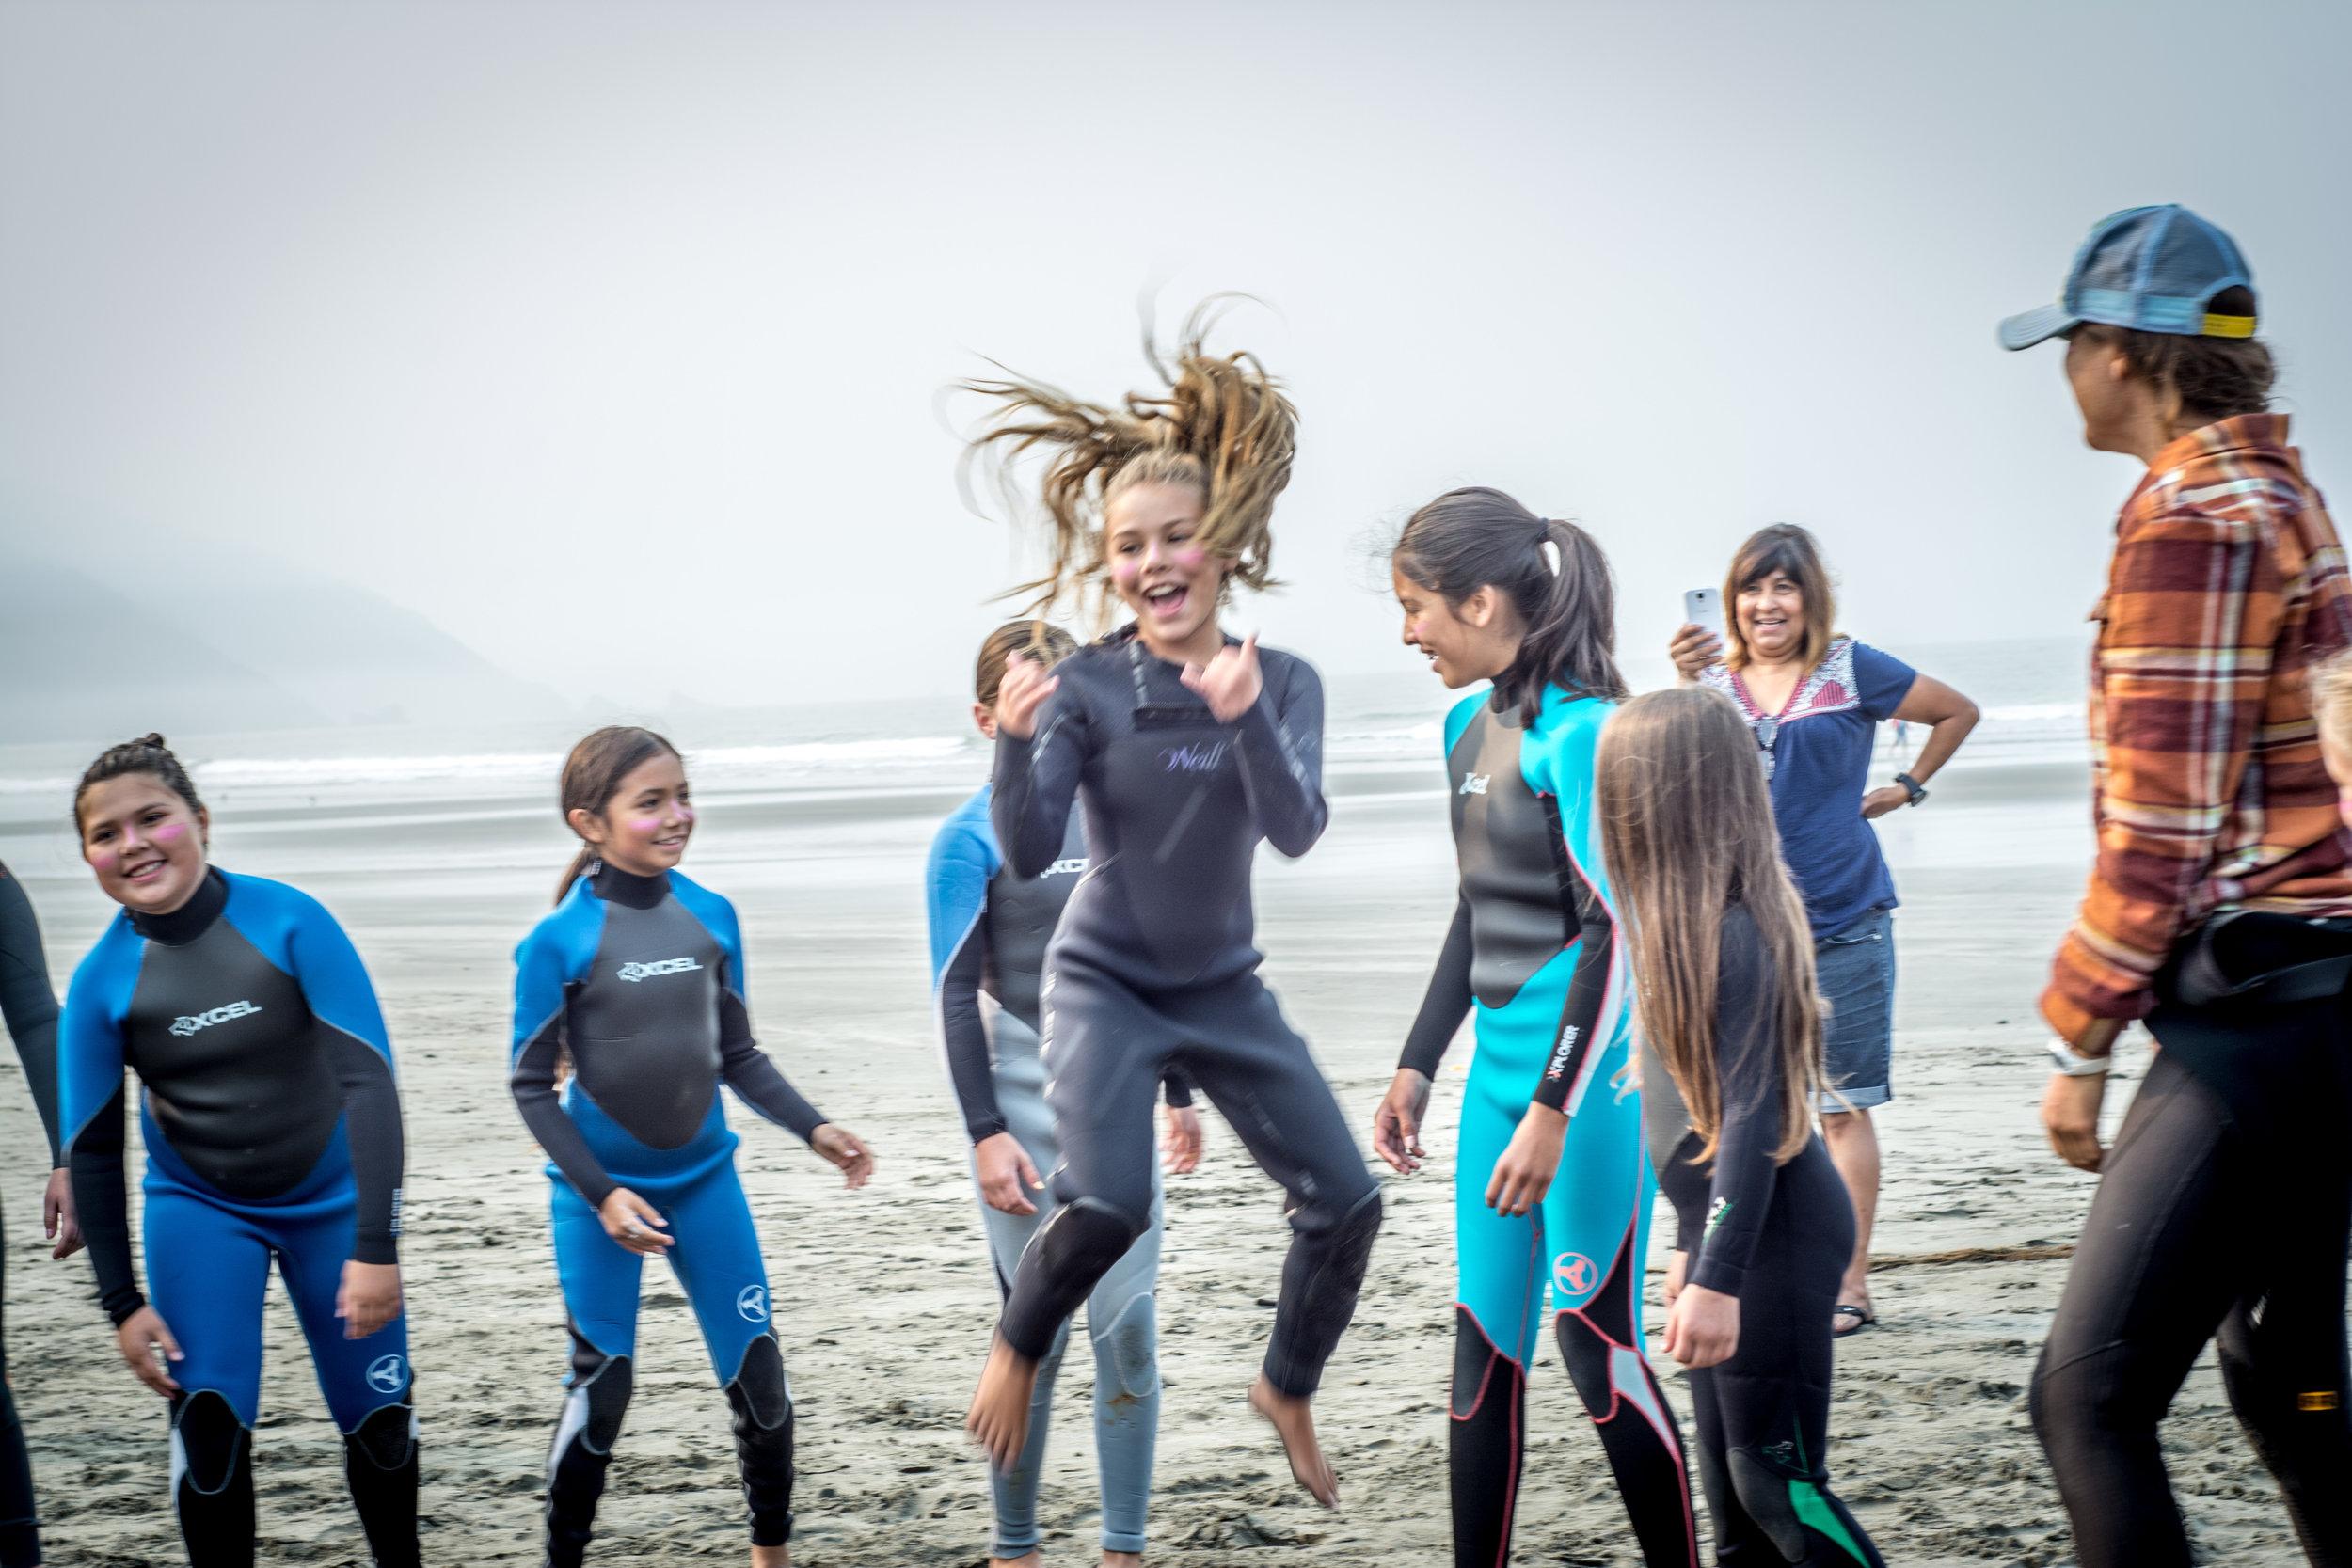 Surfer Girl Moves2